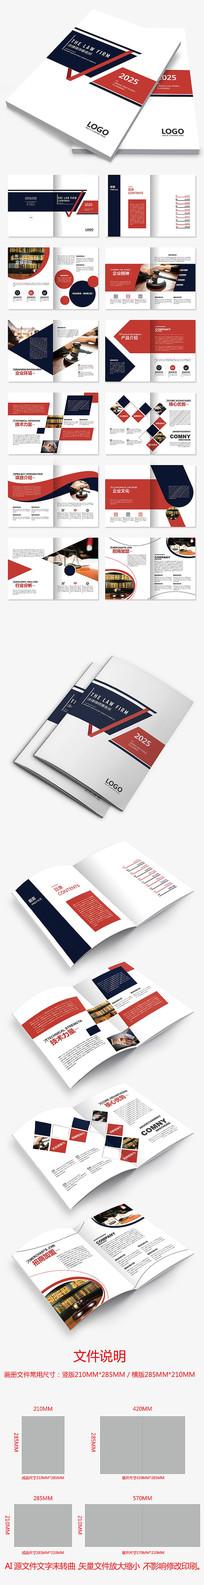 红蓝法律法务培训画册律师事务所画册设计